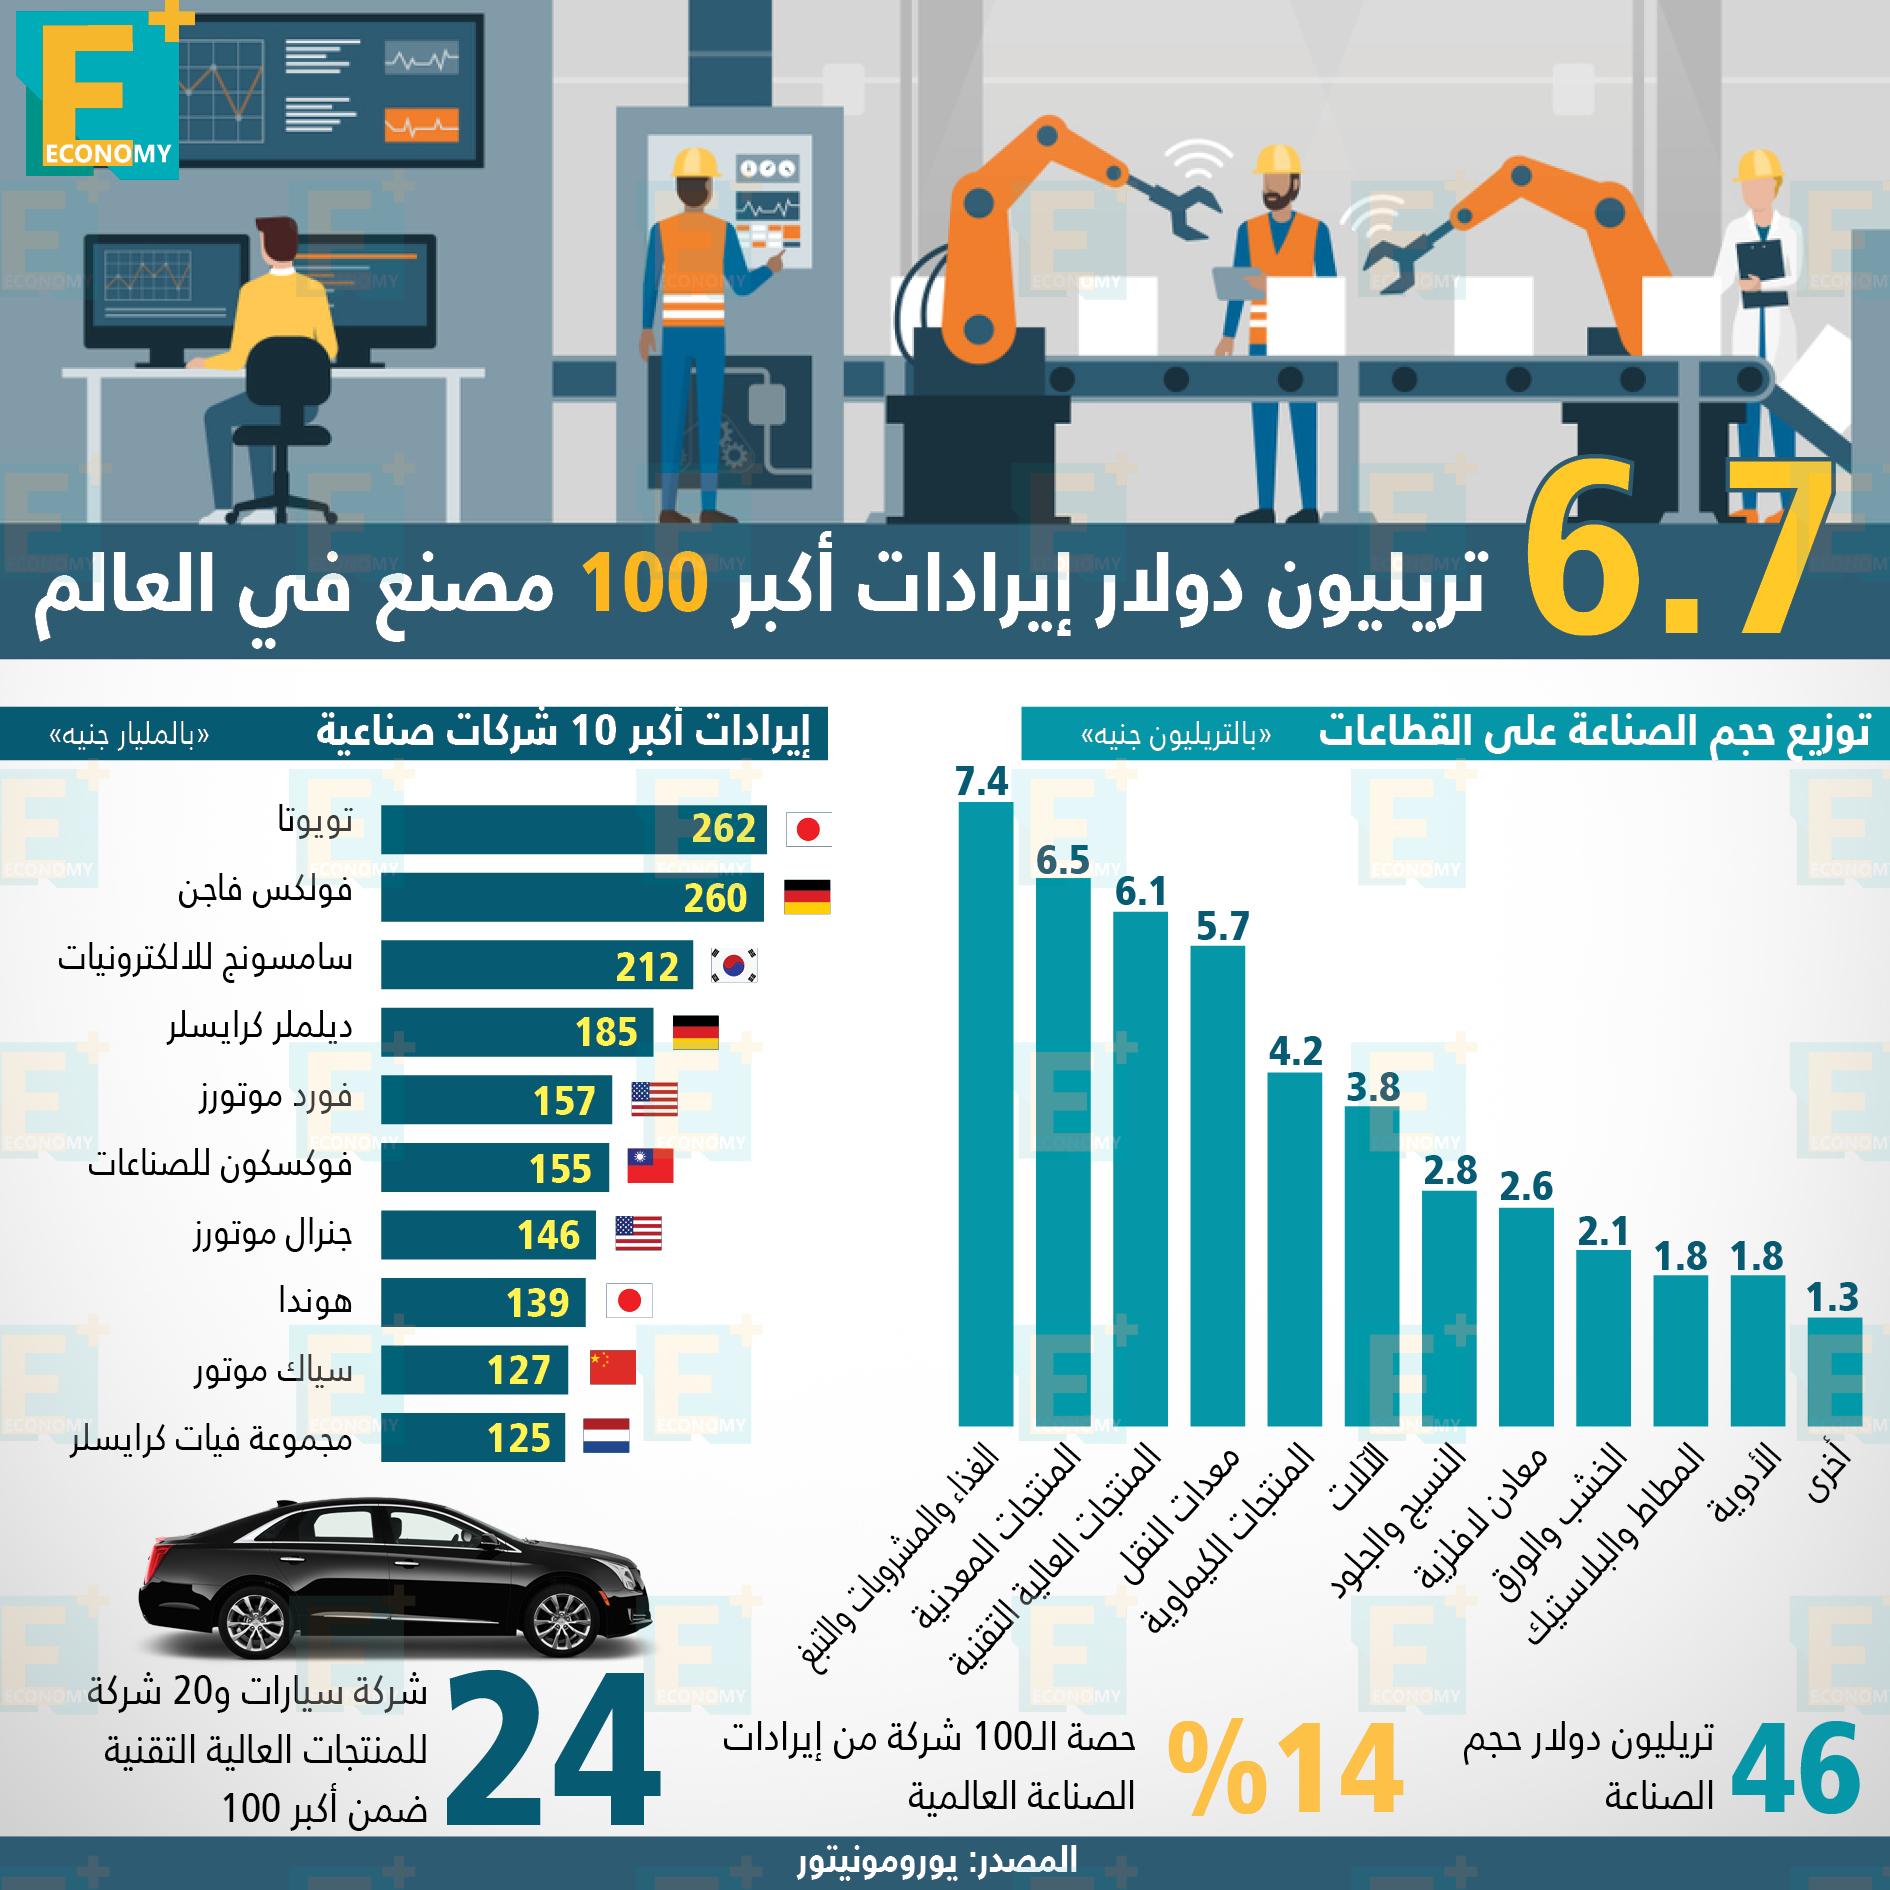 6.7 تريليون دولار إيرادات أكبر 100 مصنع في العالم